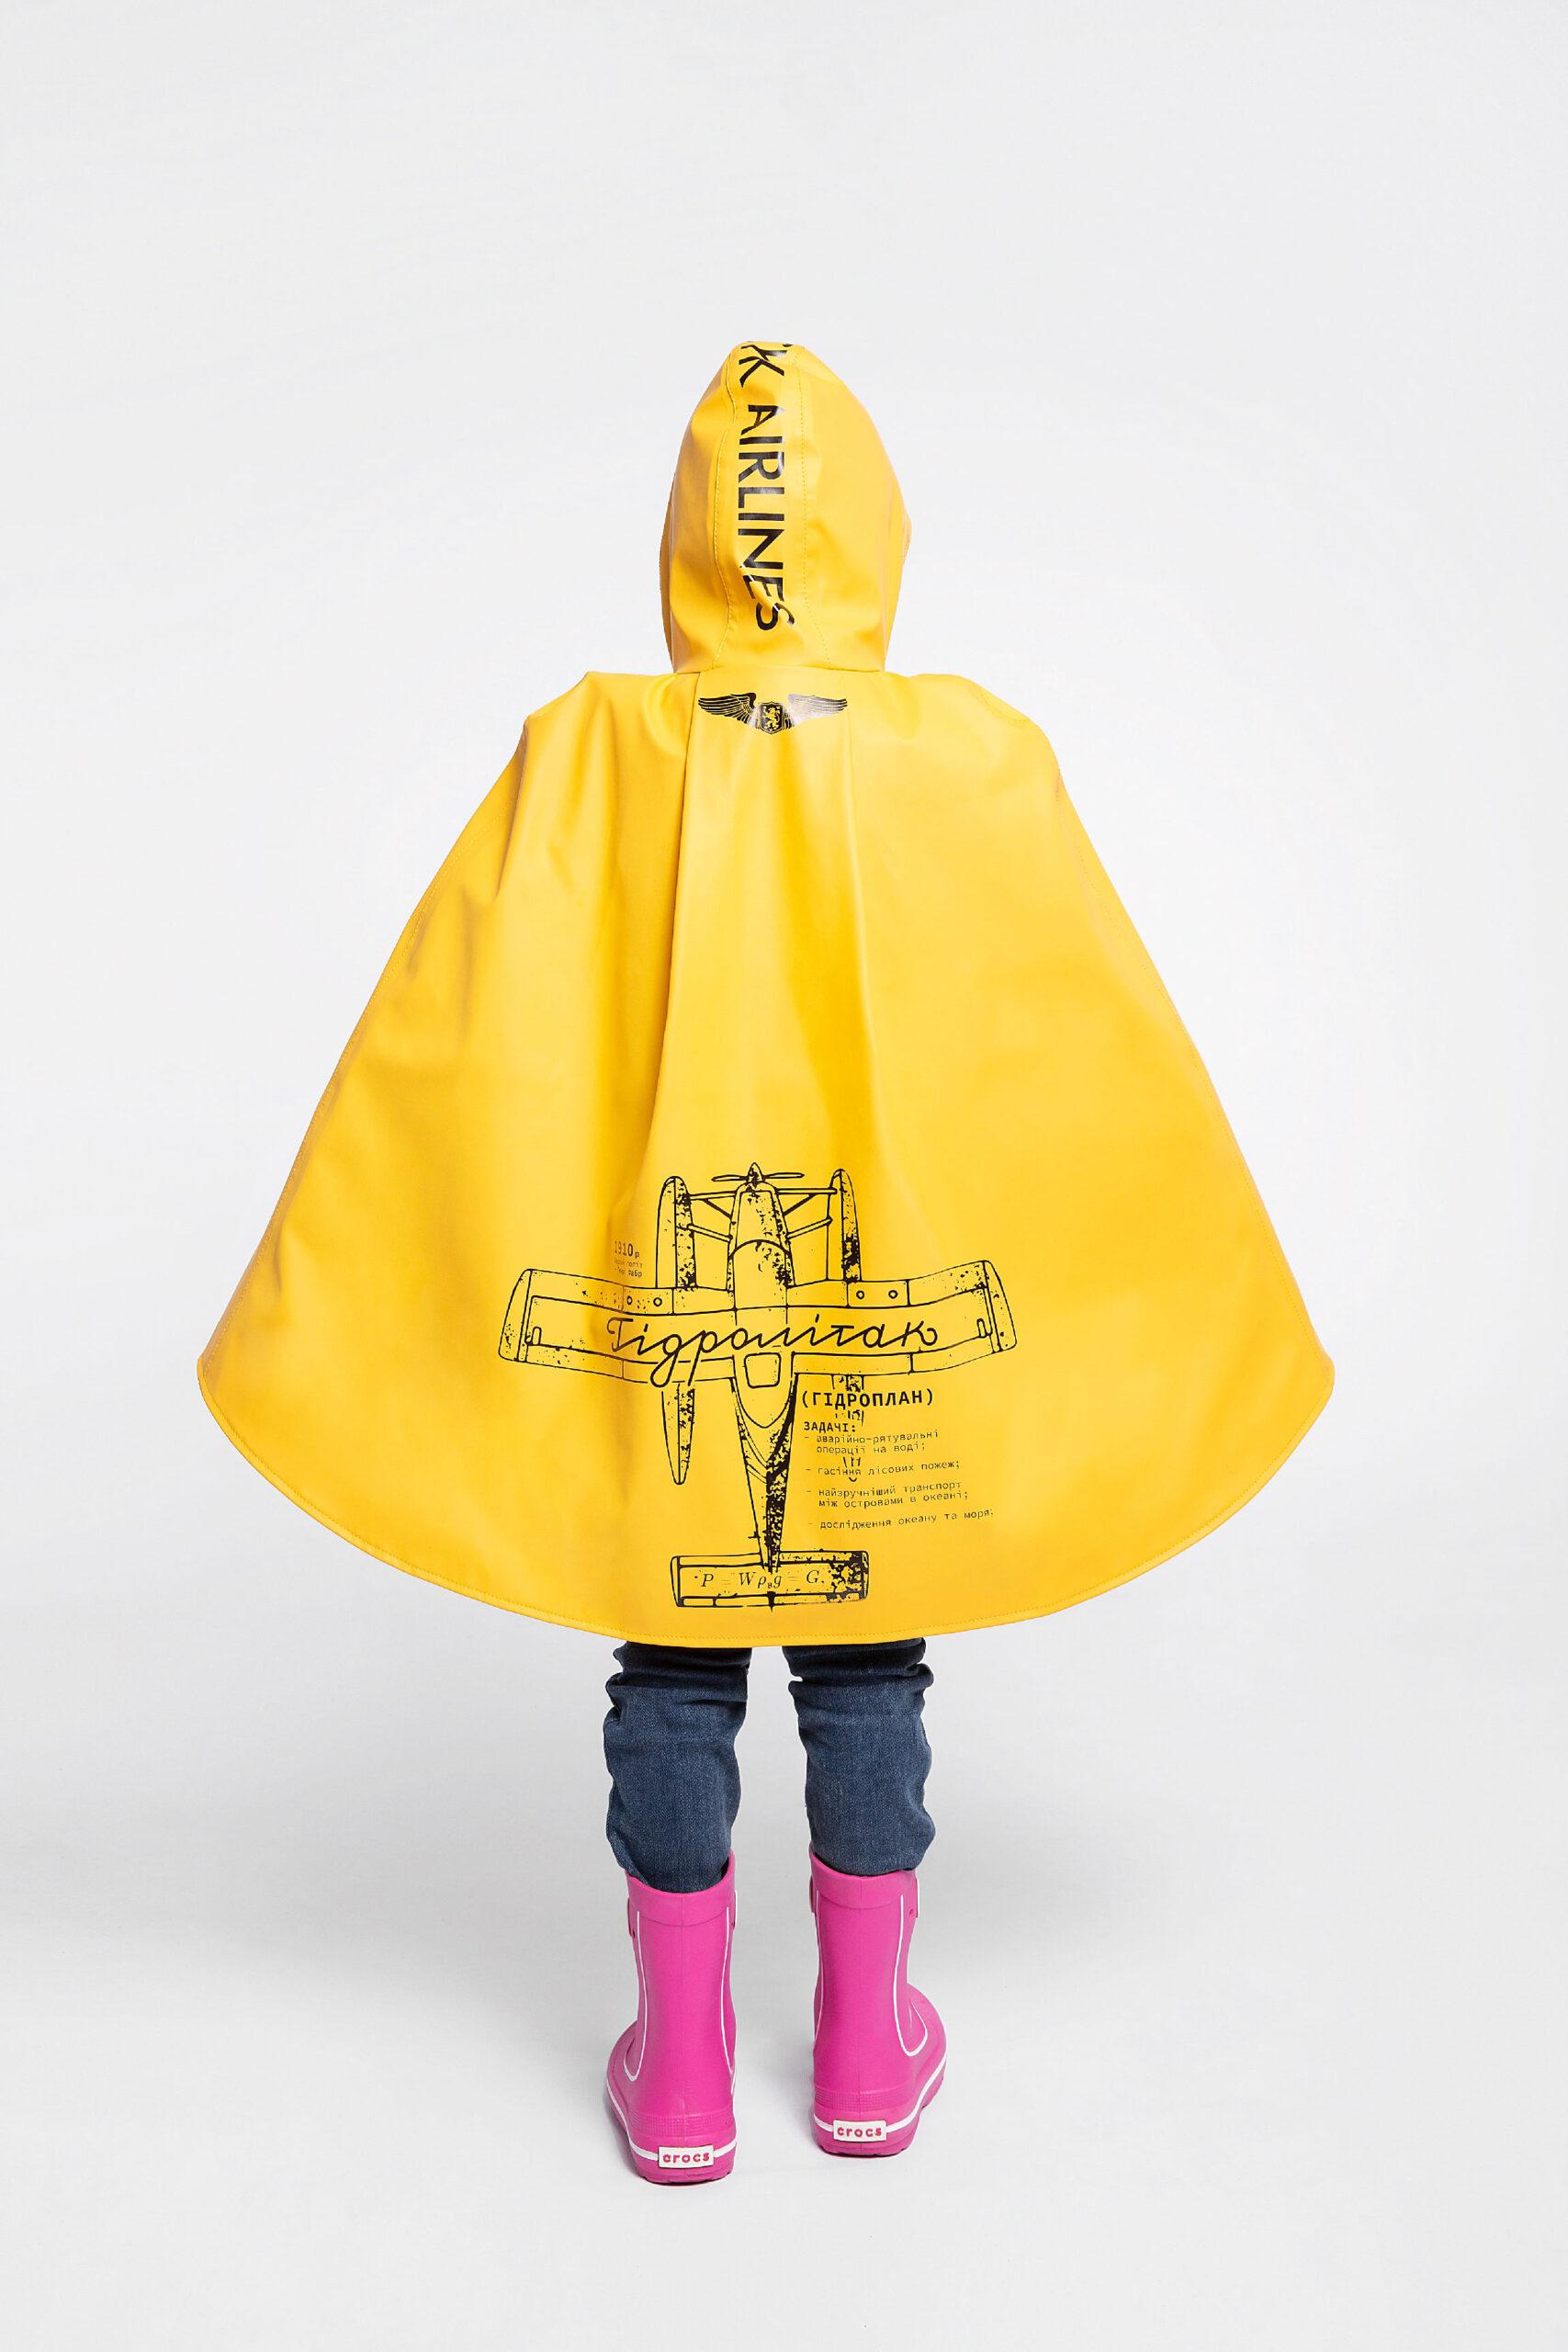 Дитячий Дощовик-Пончо Гідроплан. Колір жовтий. Деталі.